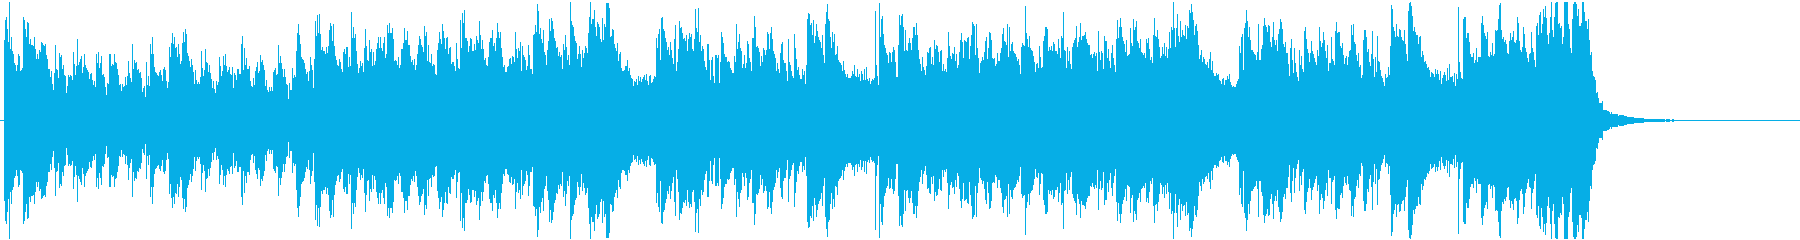 太古の昔、恐竜の時代を想起させる音楽の再生済みの波形